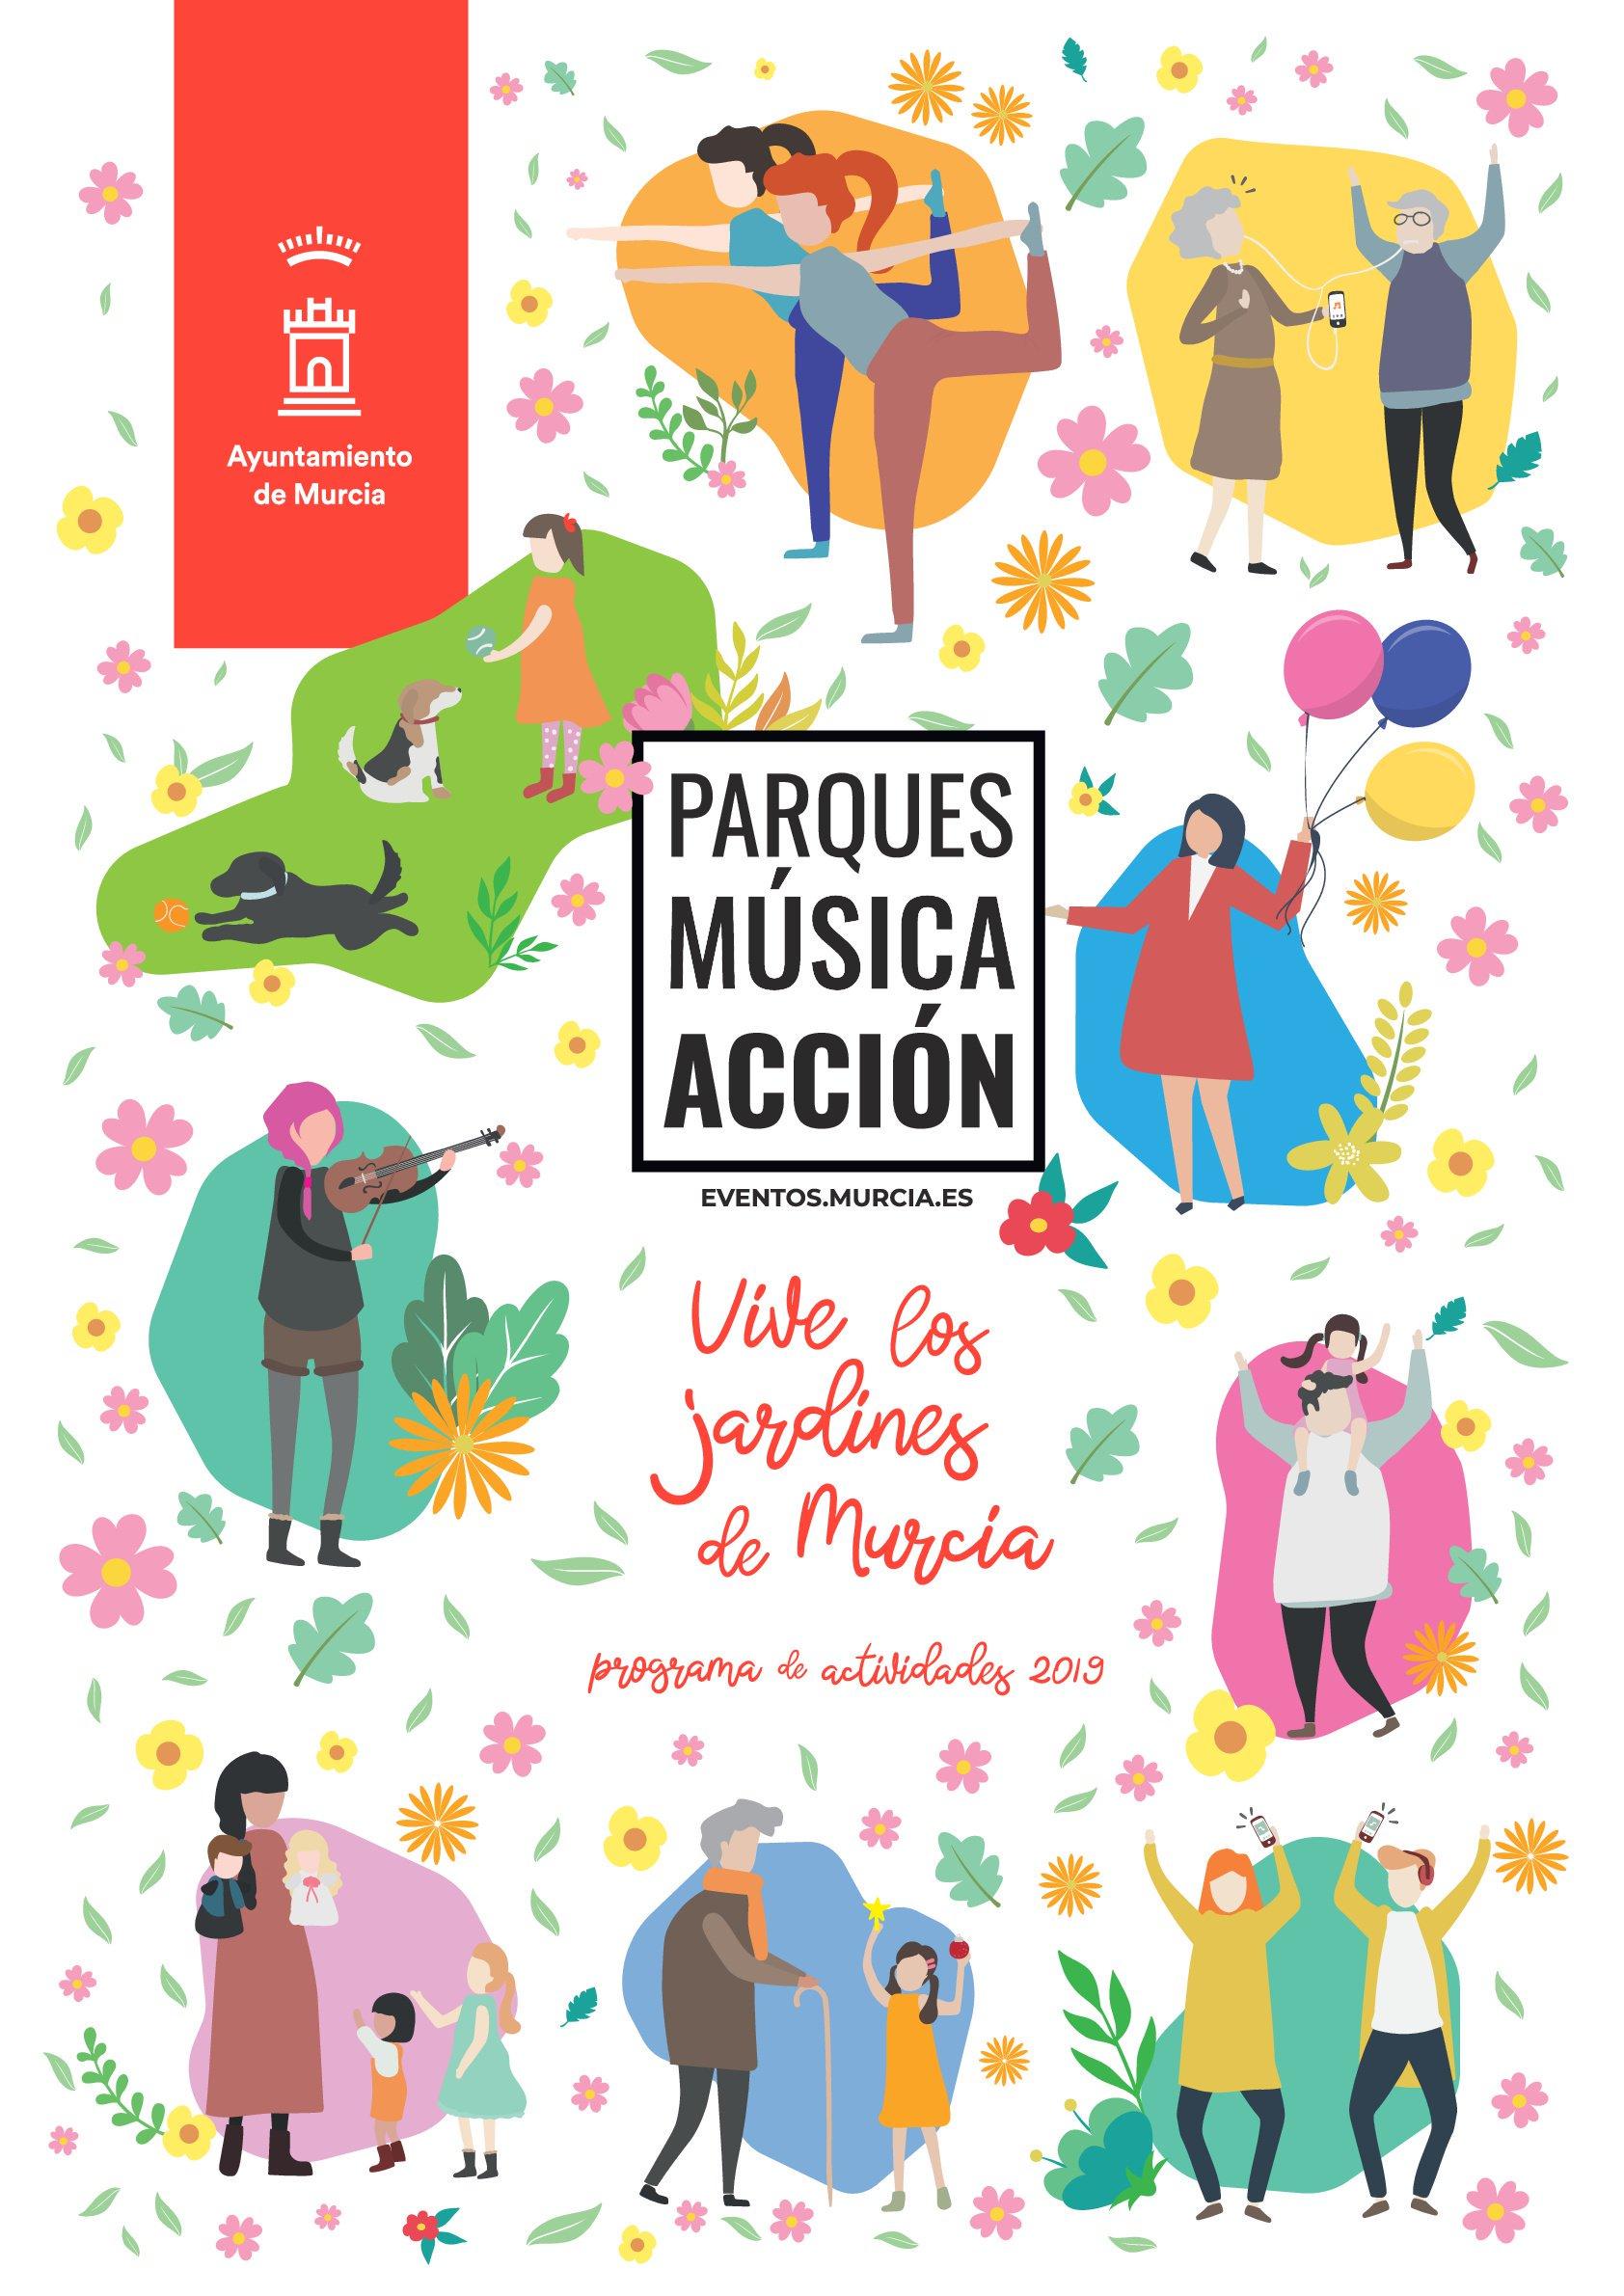 Cartel evento Parques, Música y Acción edición Octubre 2019